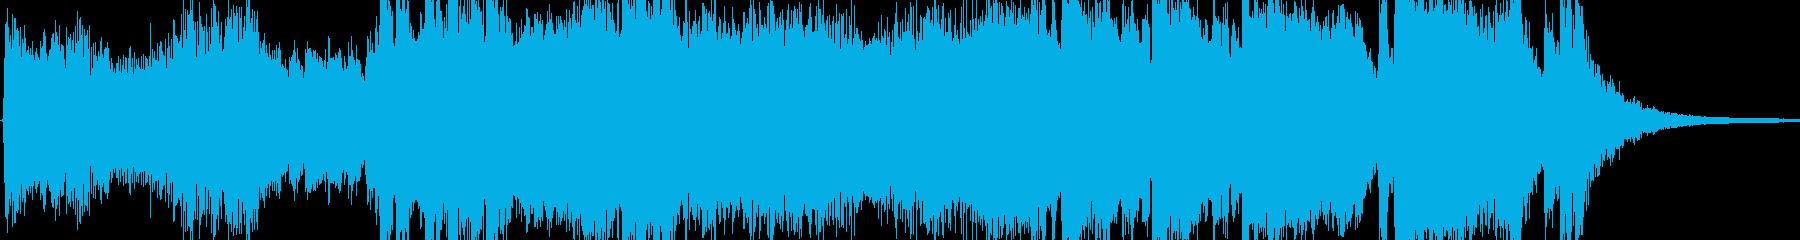 開会式の幕開けをイメージした軽快なオー…の再生済みの波形